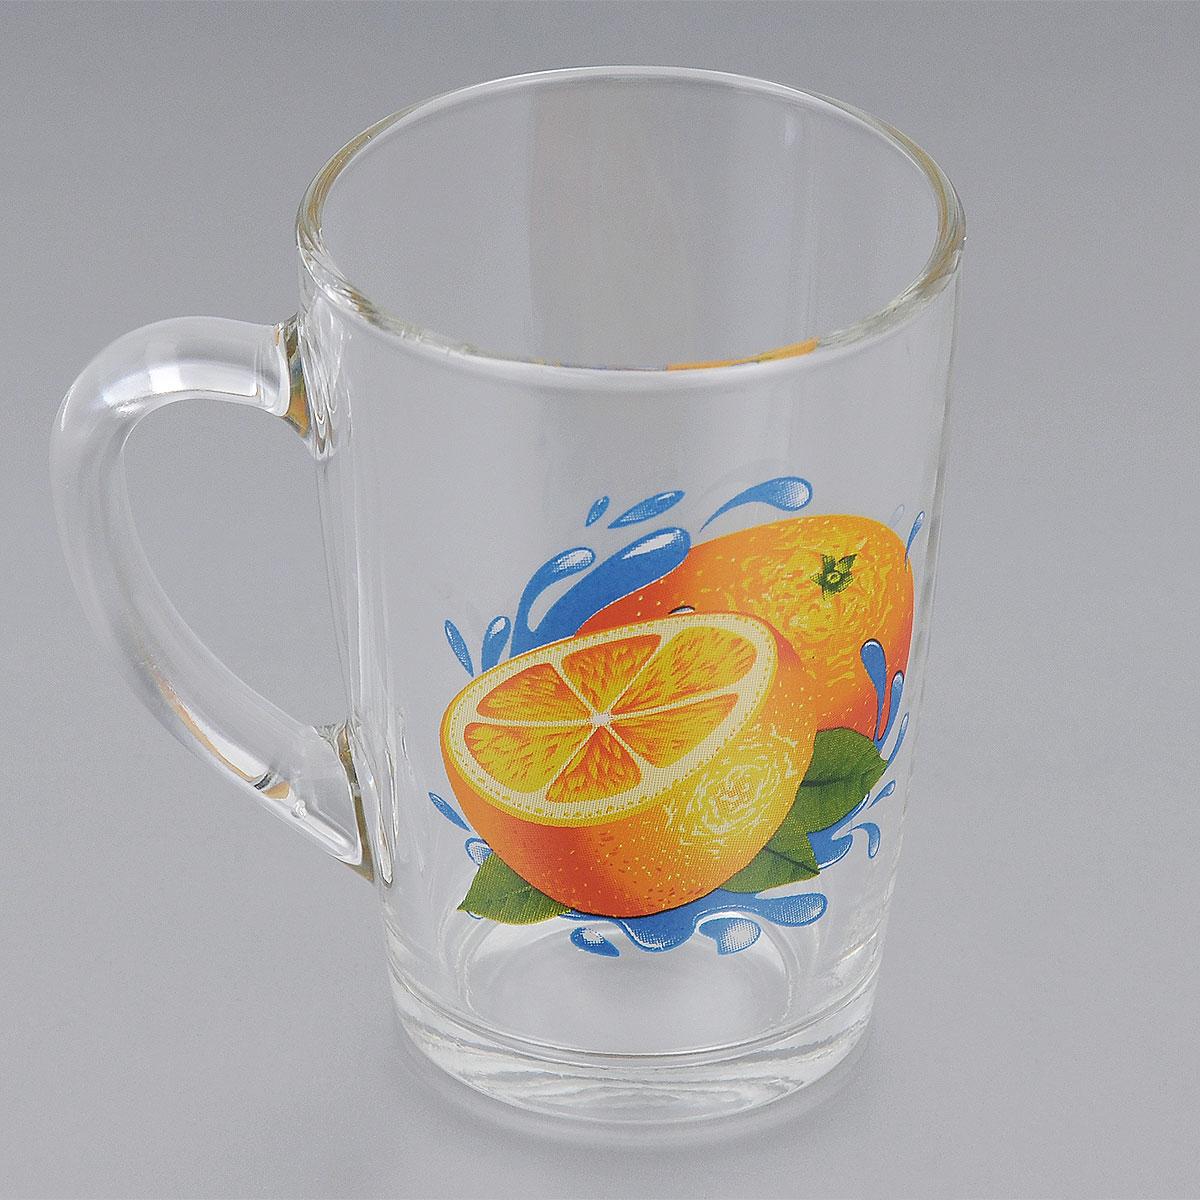 Кружка ОСЗ Апельсин, 300 мл07c1334 ДЗ АпККружка ОСЗ Апельсин выполнена из высококачественного стекла. Внешние стенки оформлены изображением апельсинов. Такая кружка станет неизменным атрибутом чаепития и порадует вас классическим лаконичным дизайном и практичностью.